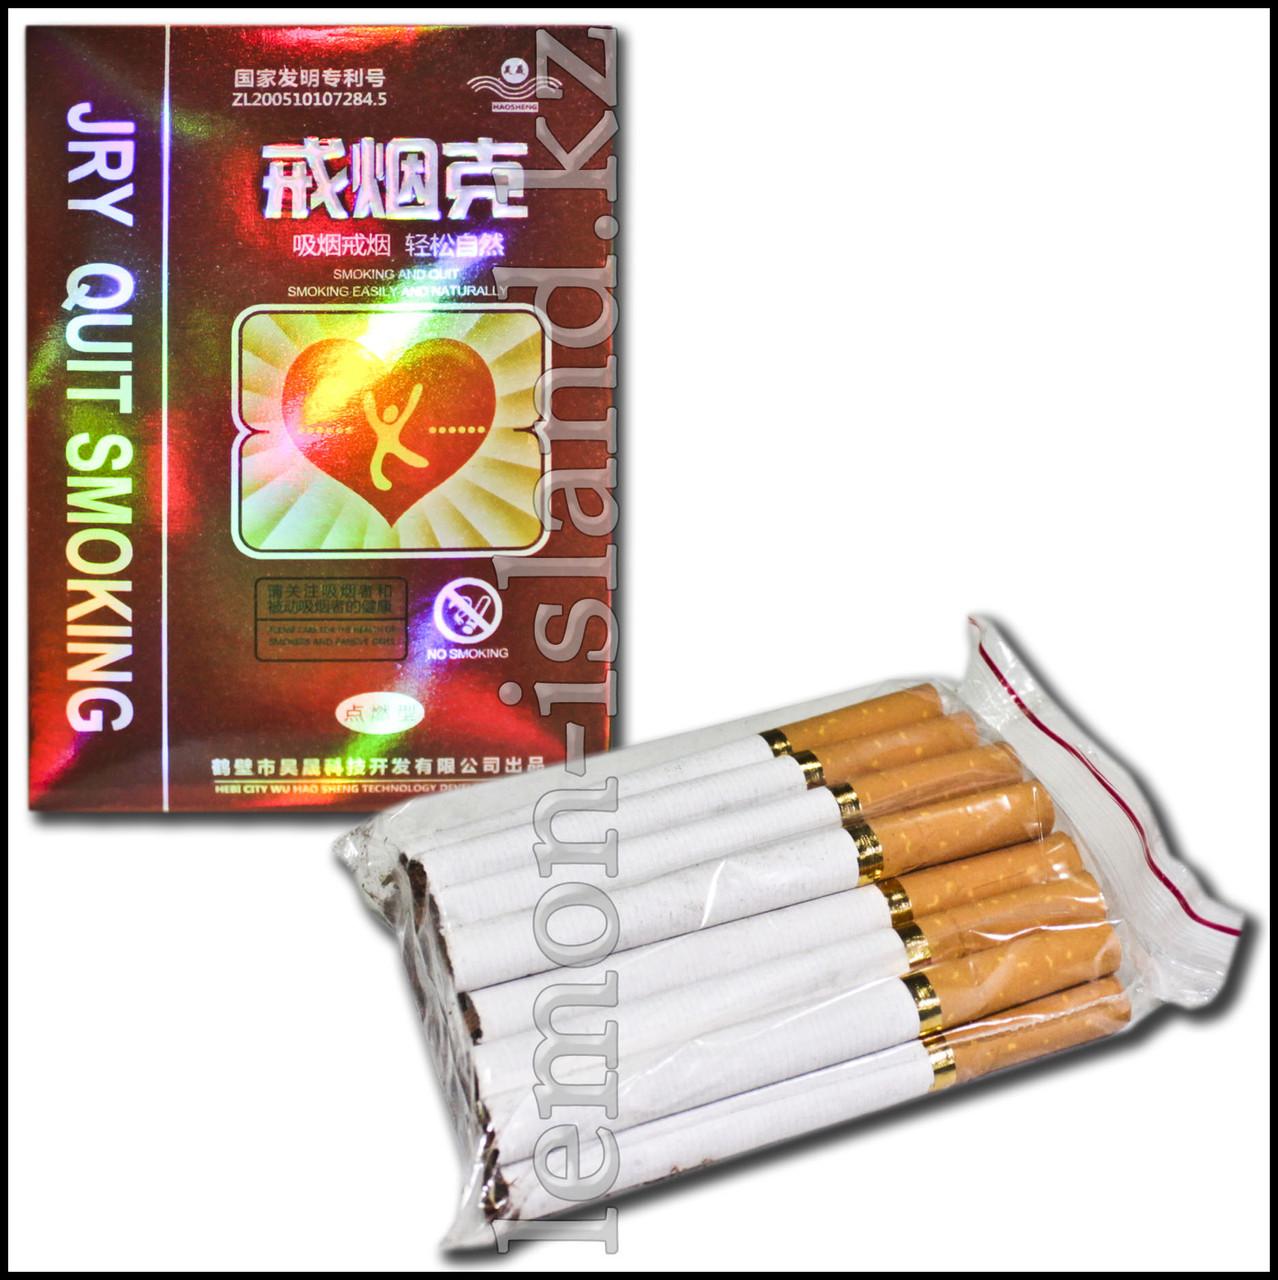 Купить сигареты за 900 машинка для скручивания сигарет купить минск